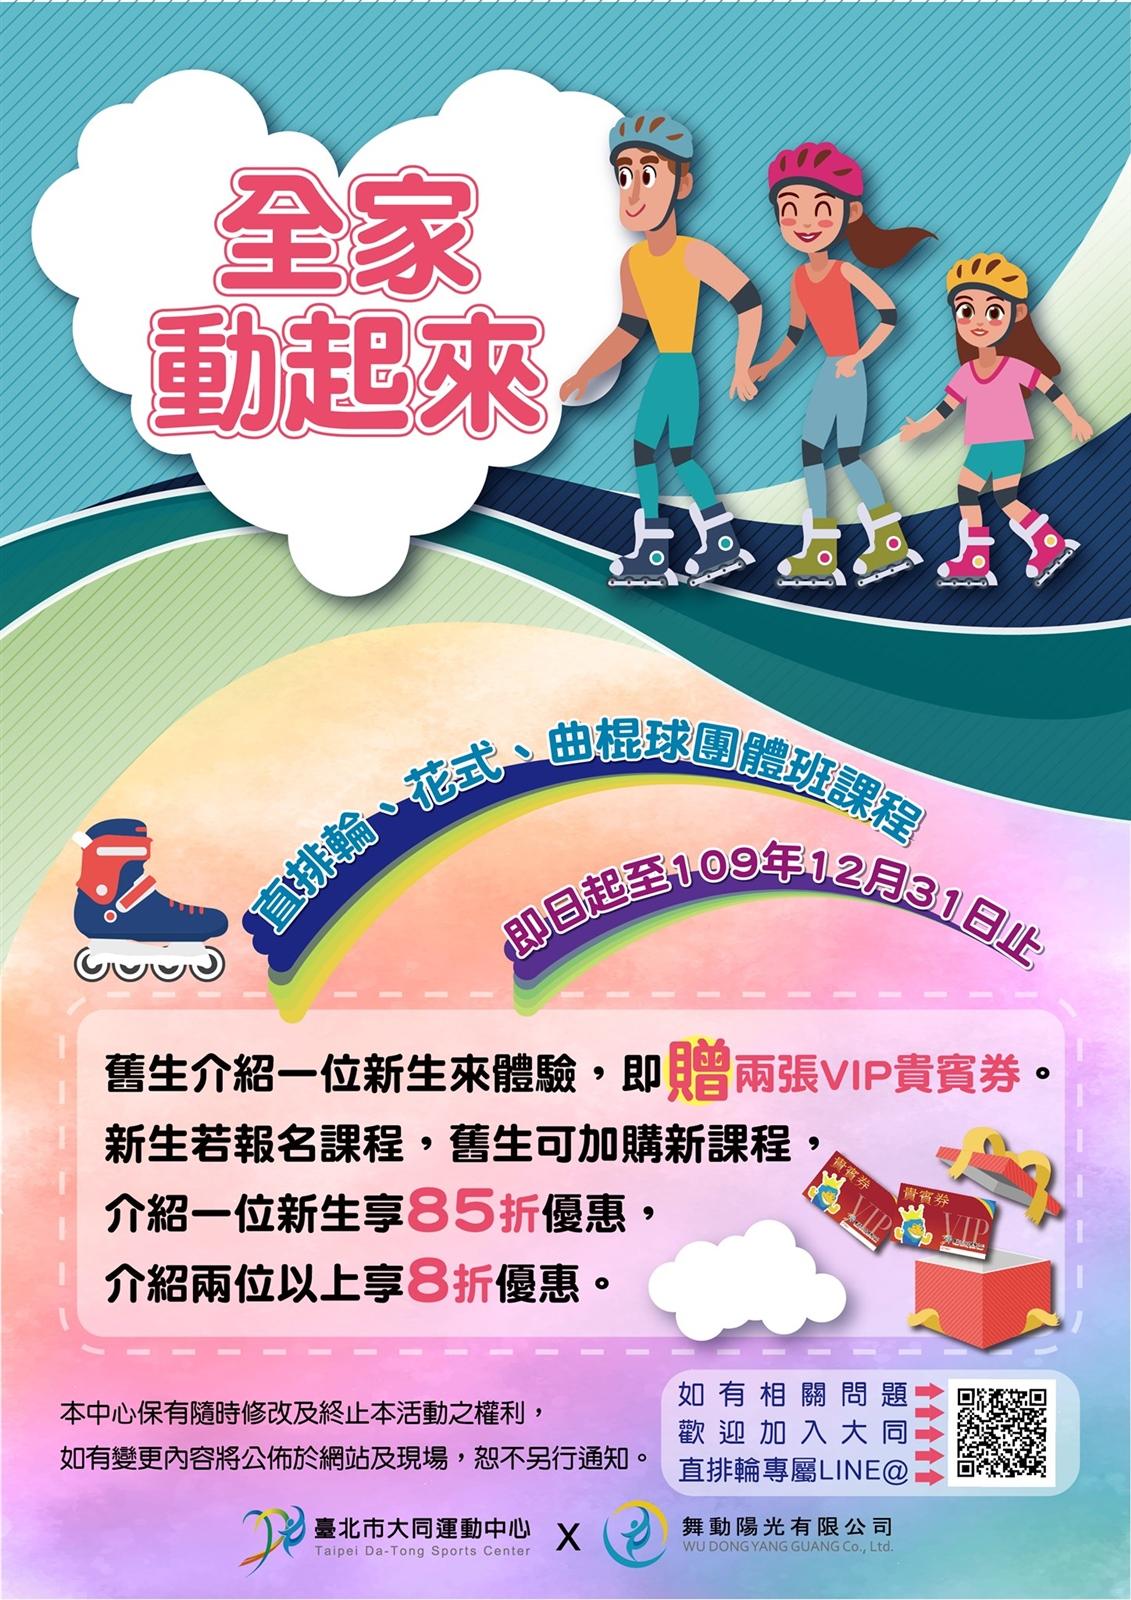 中山運動中心成交403件 雙北市運動宅成交爆增